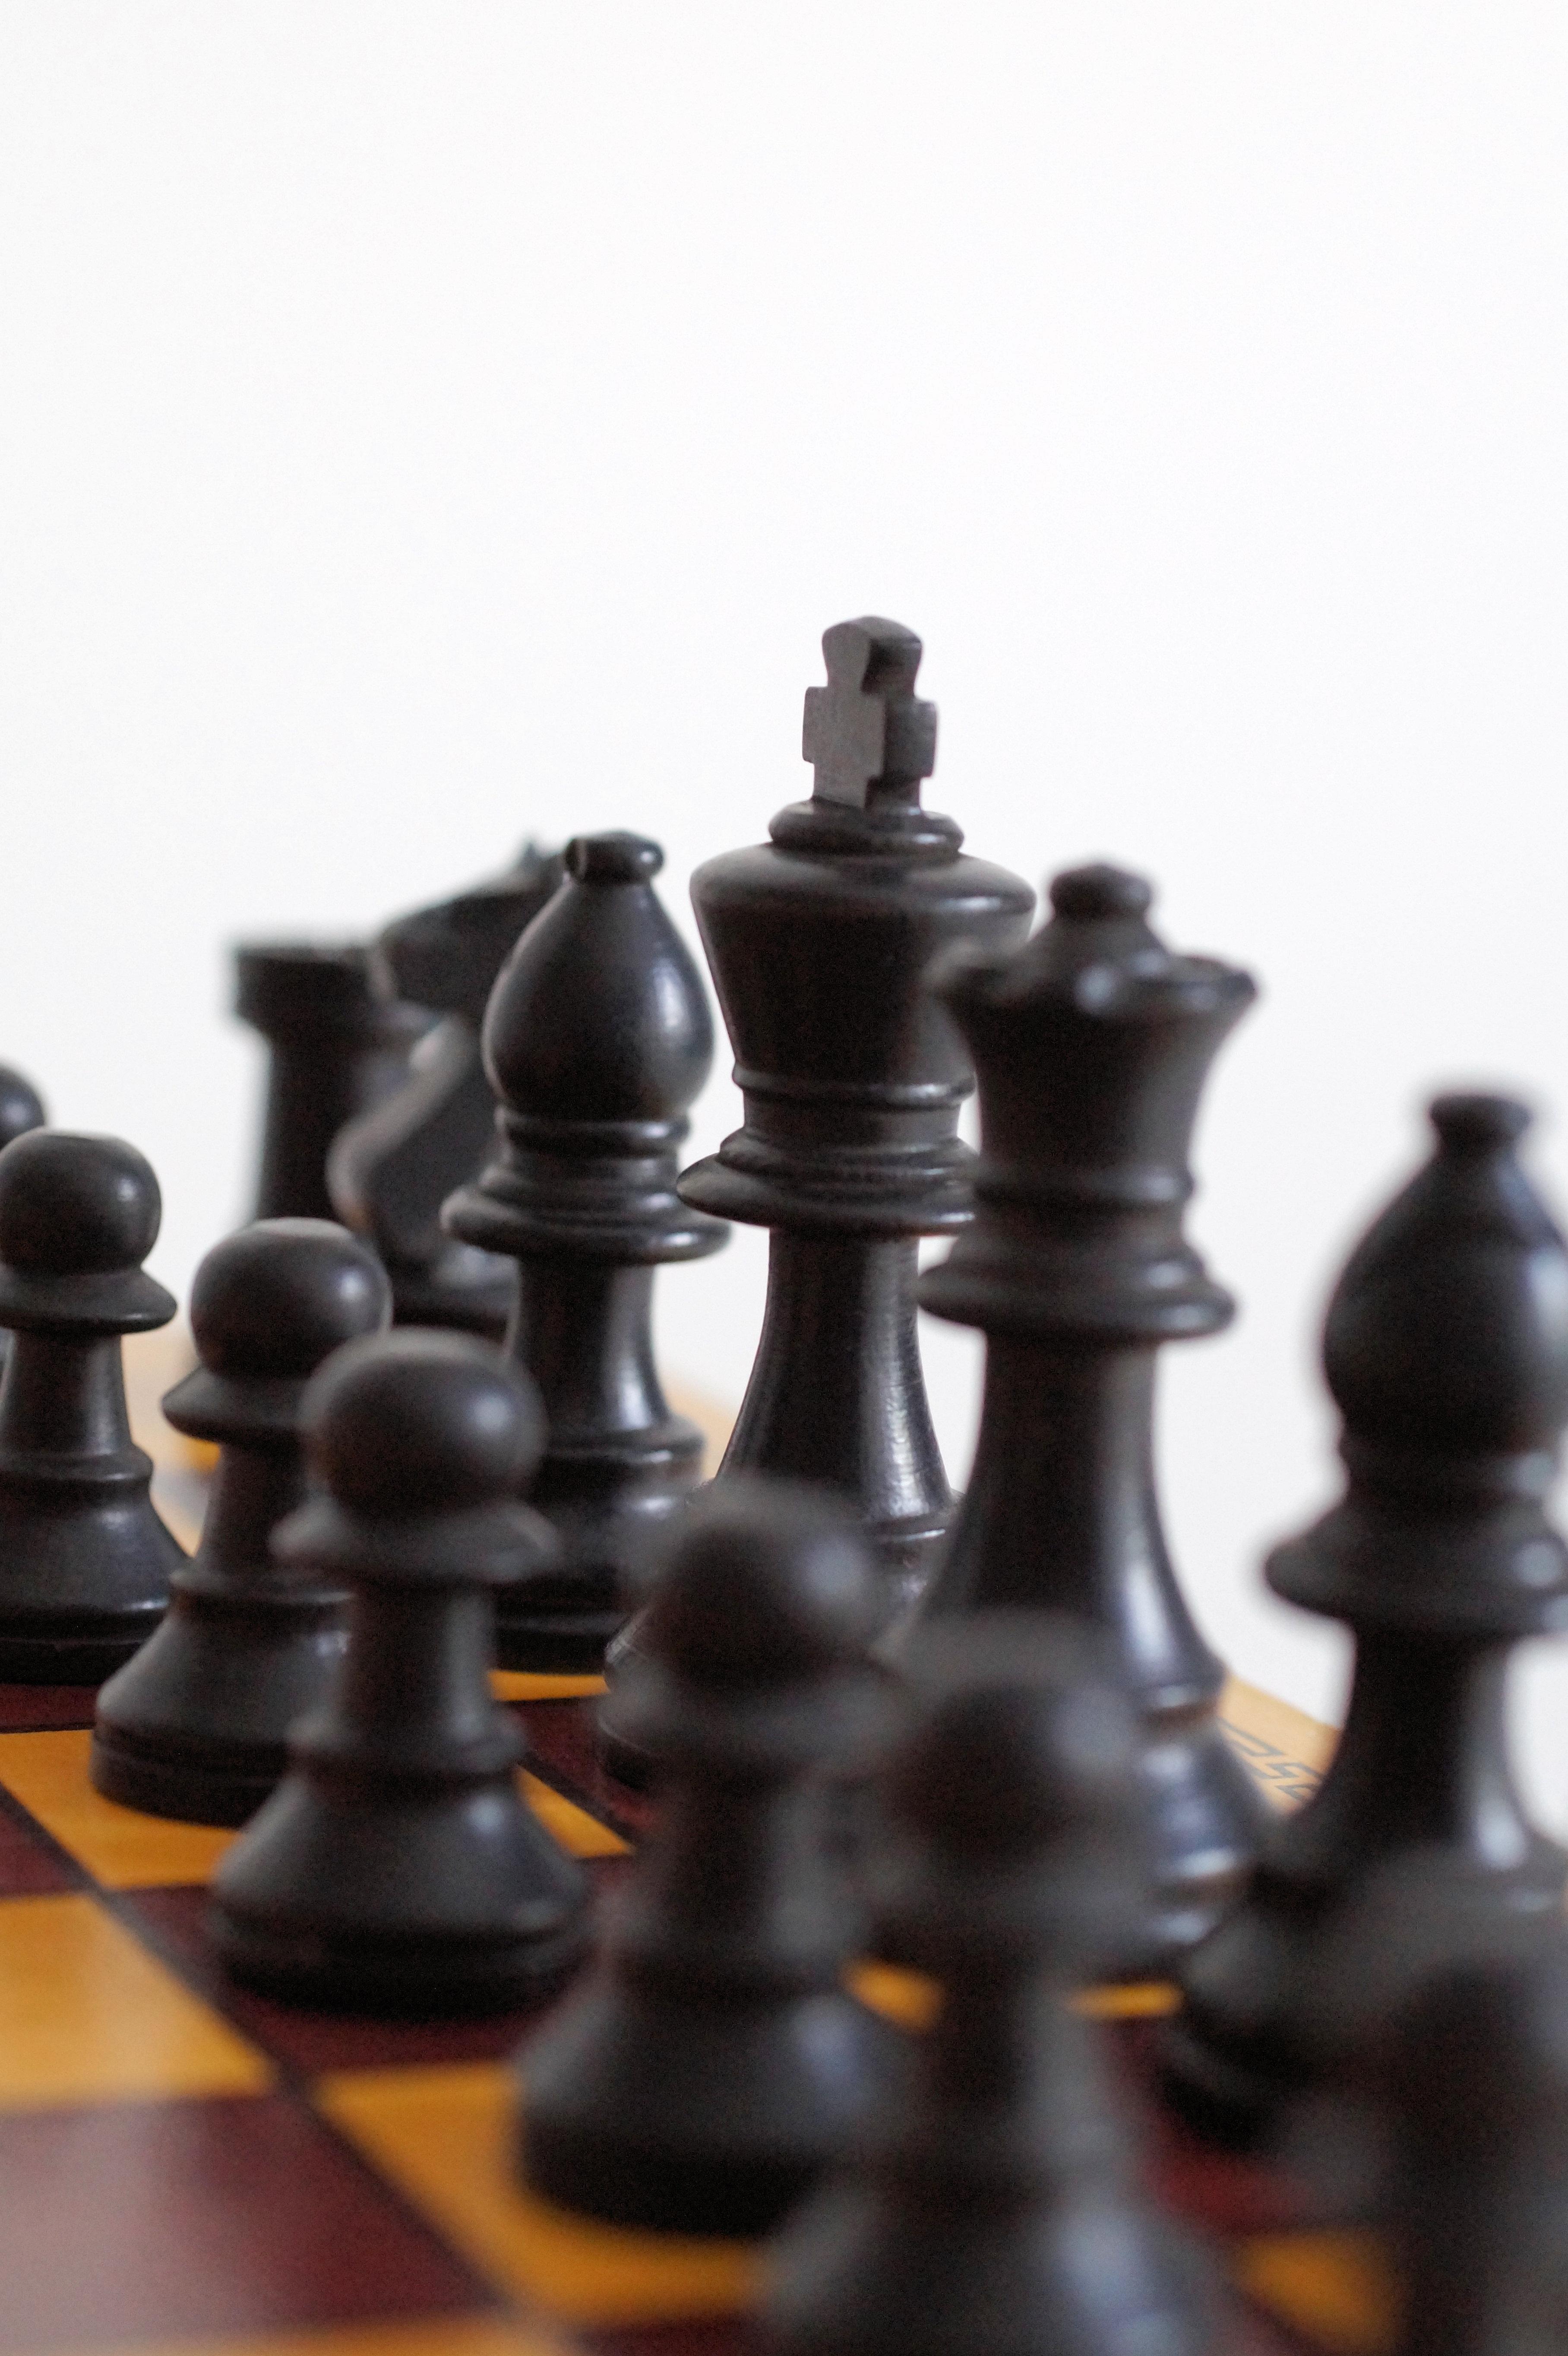 sakktábla képek Ingyenes képek : művészet, sakk, játékok, társasjáték  sakktábla képek